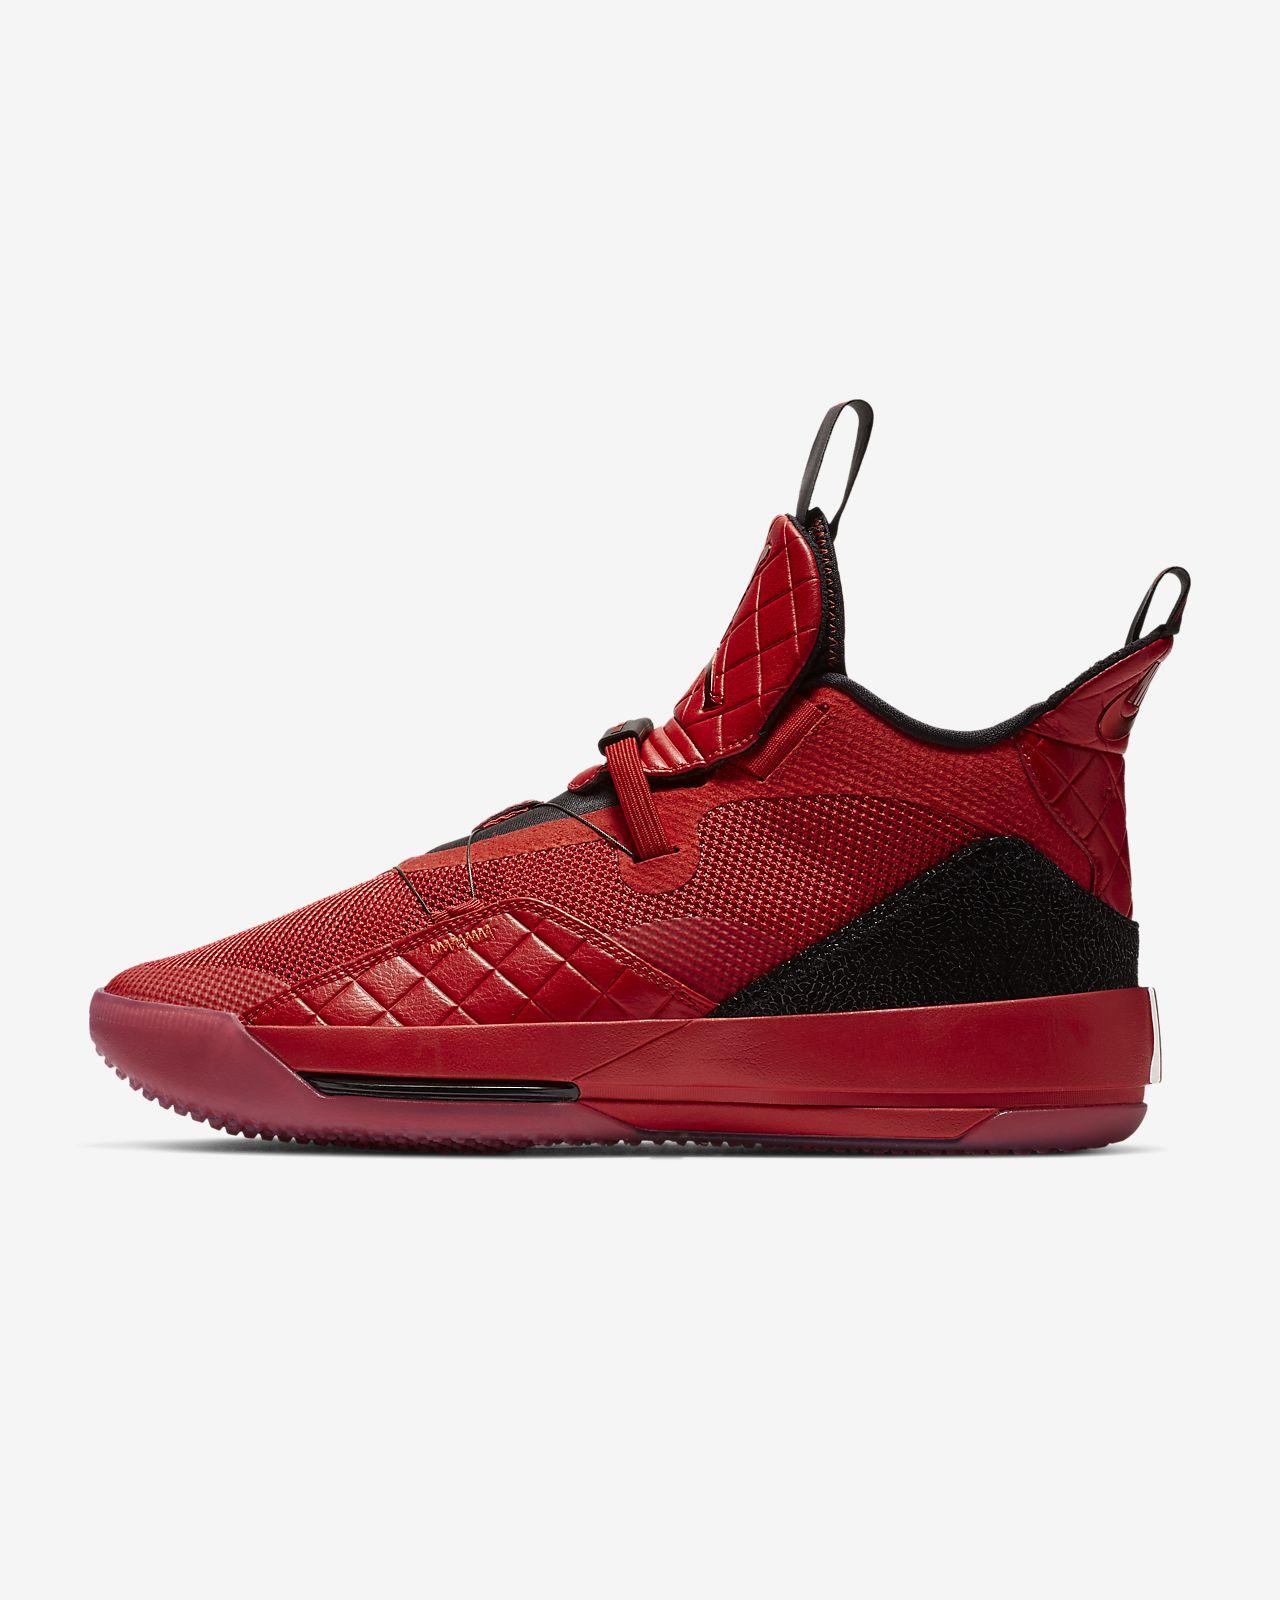 promo code 56f95 d2e10 ... Chaussure de basketball Air Jordan XXXIII